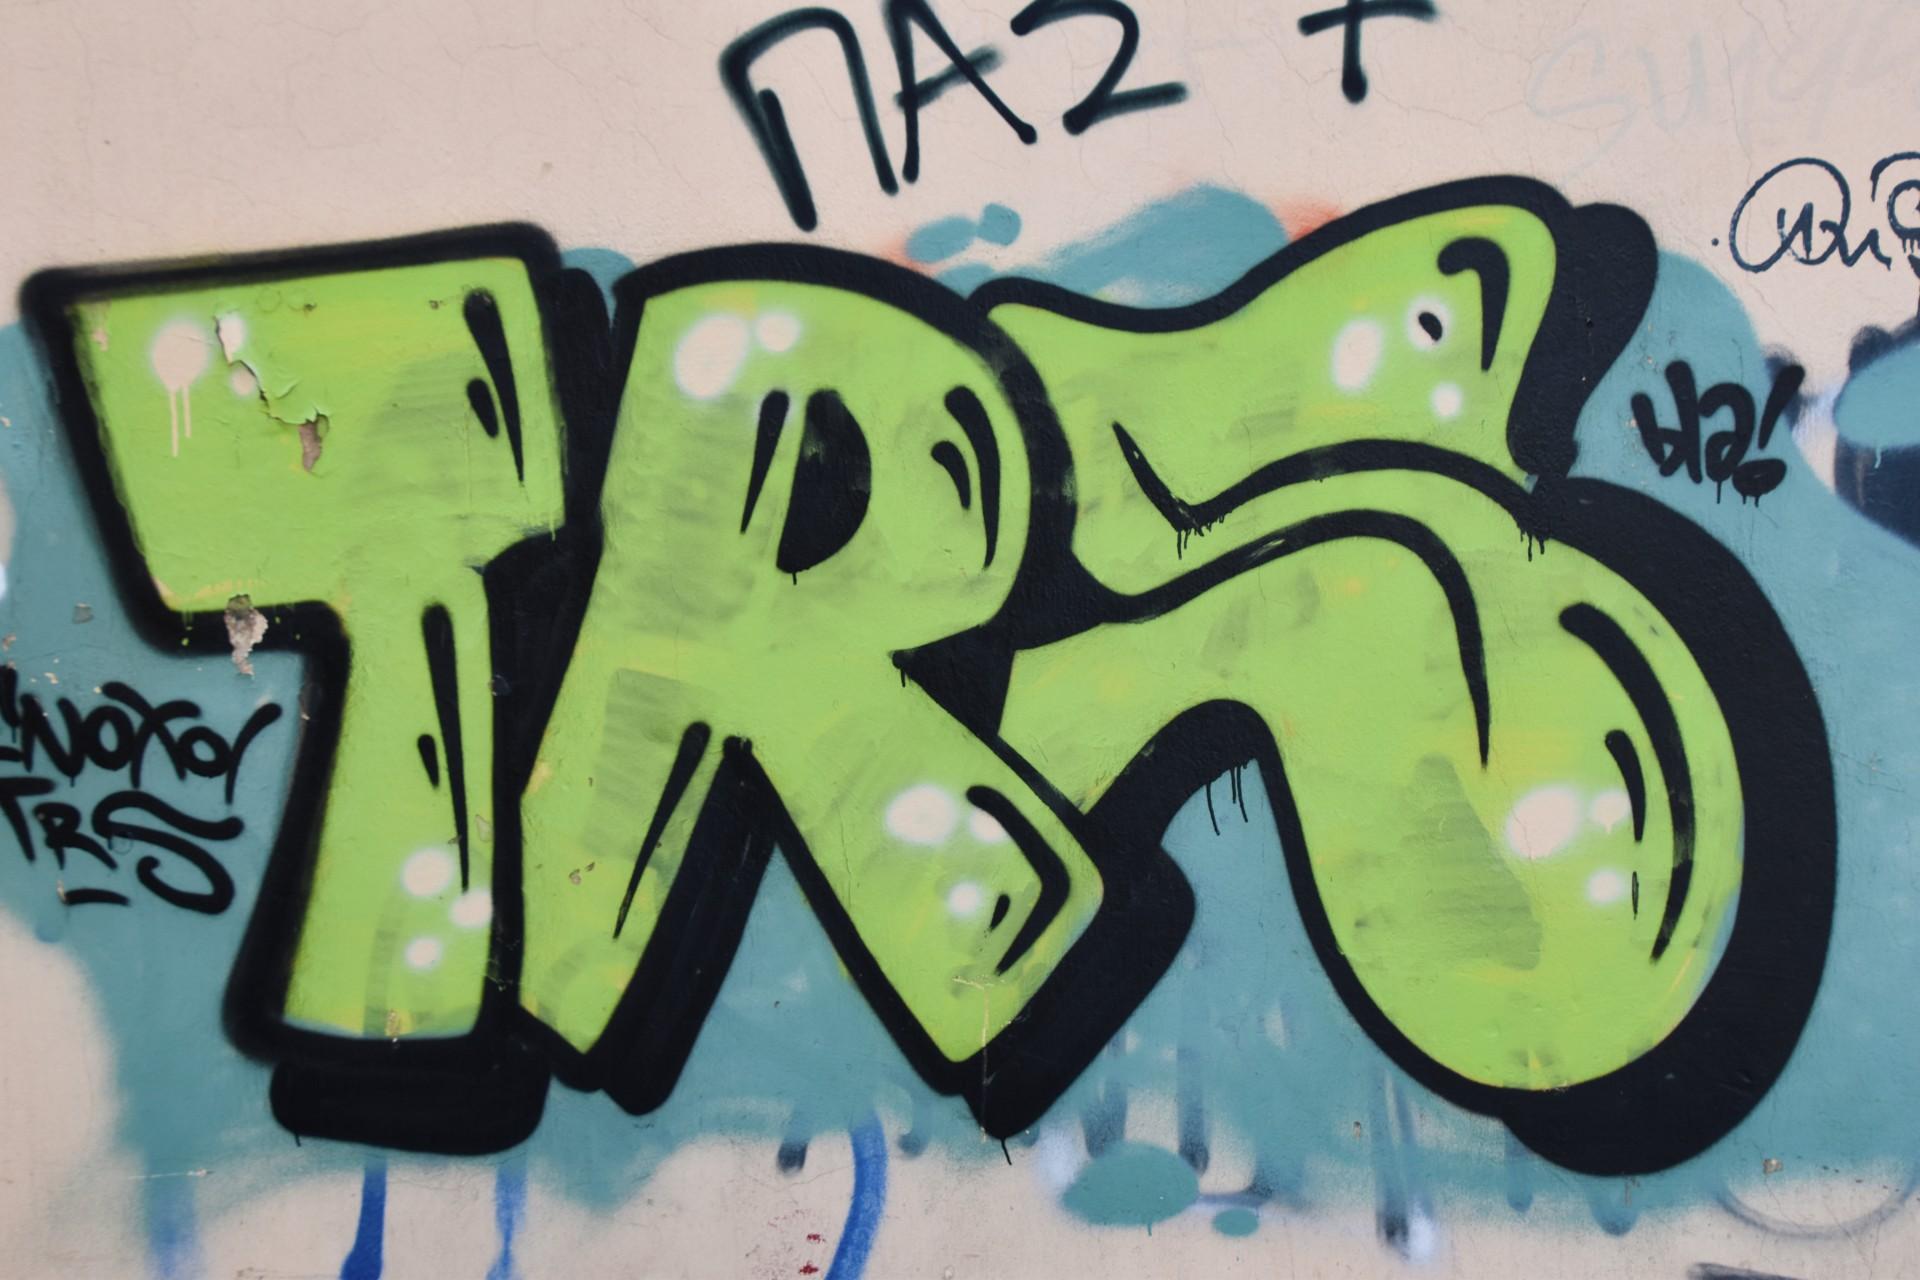 Ioannina Street Art 2 L